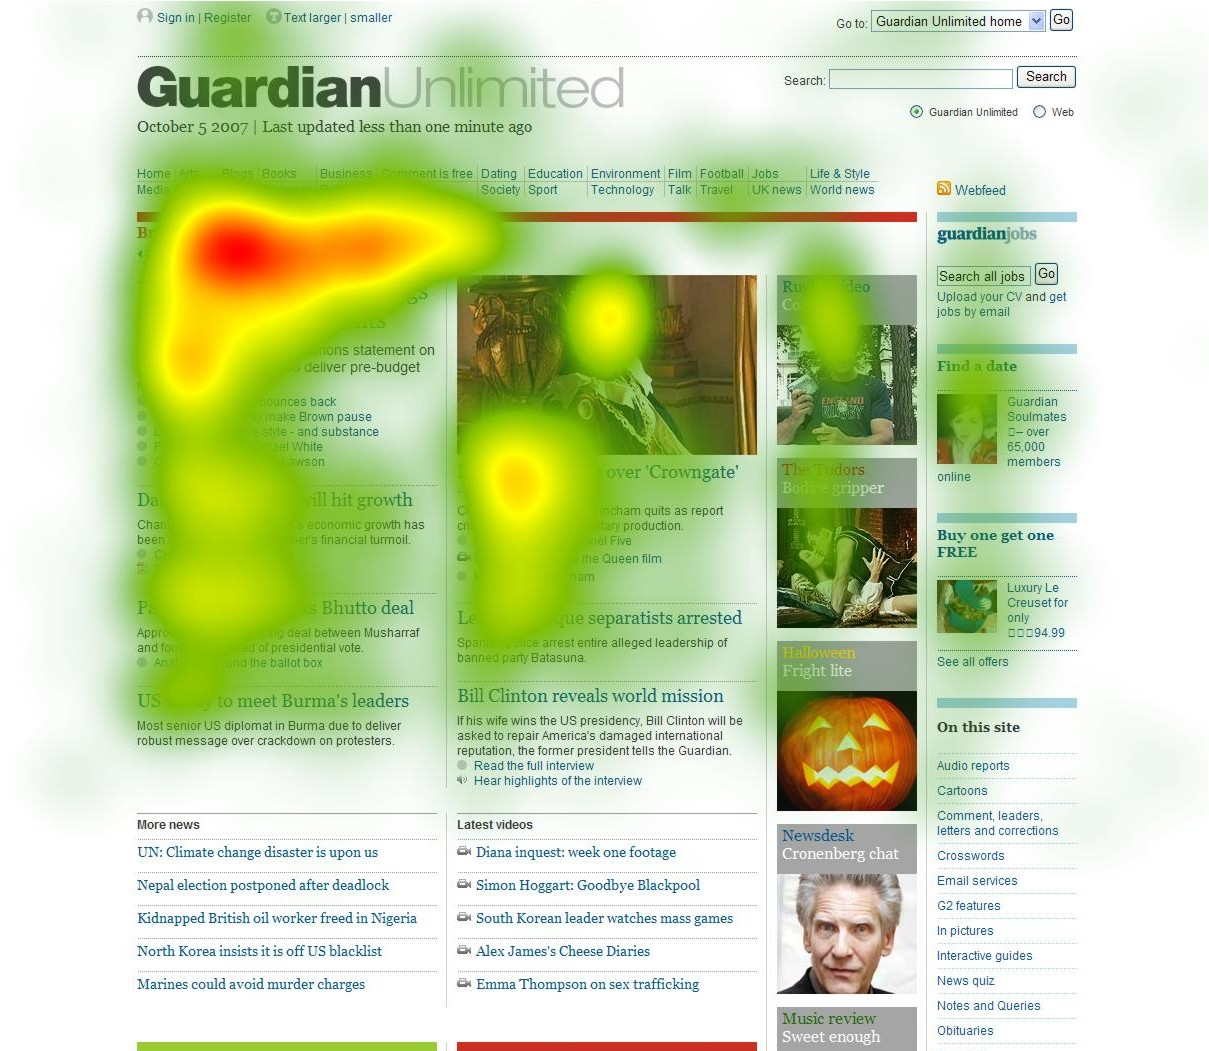 Kiểm tra heatmap trên trang web